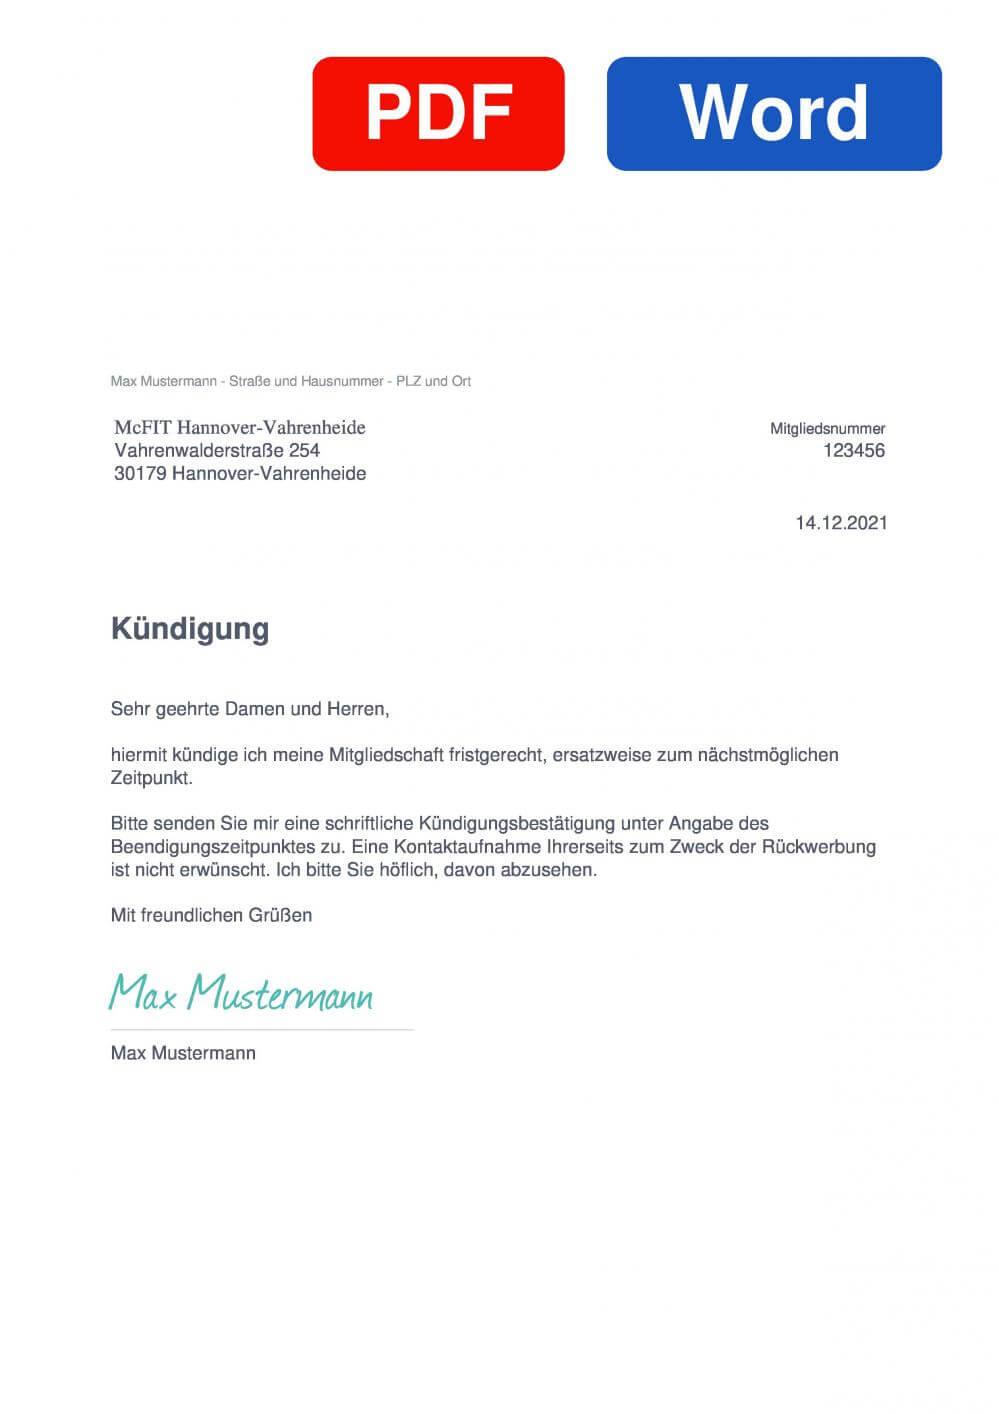 McFIT Hannover Vahrenheide Muster Vorlage für Kündigungsschreiben